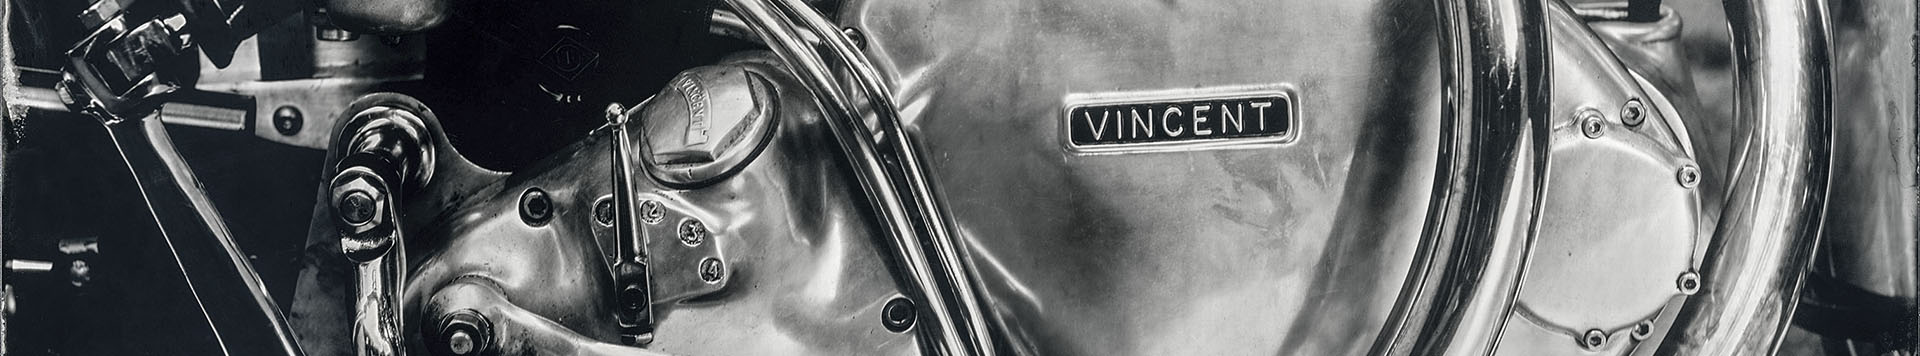 WPB-Engine-Vincent header